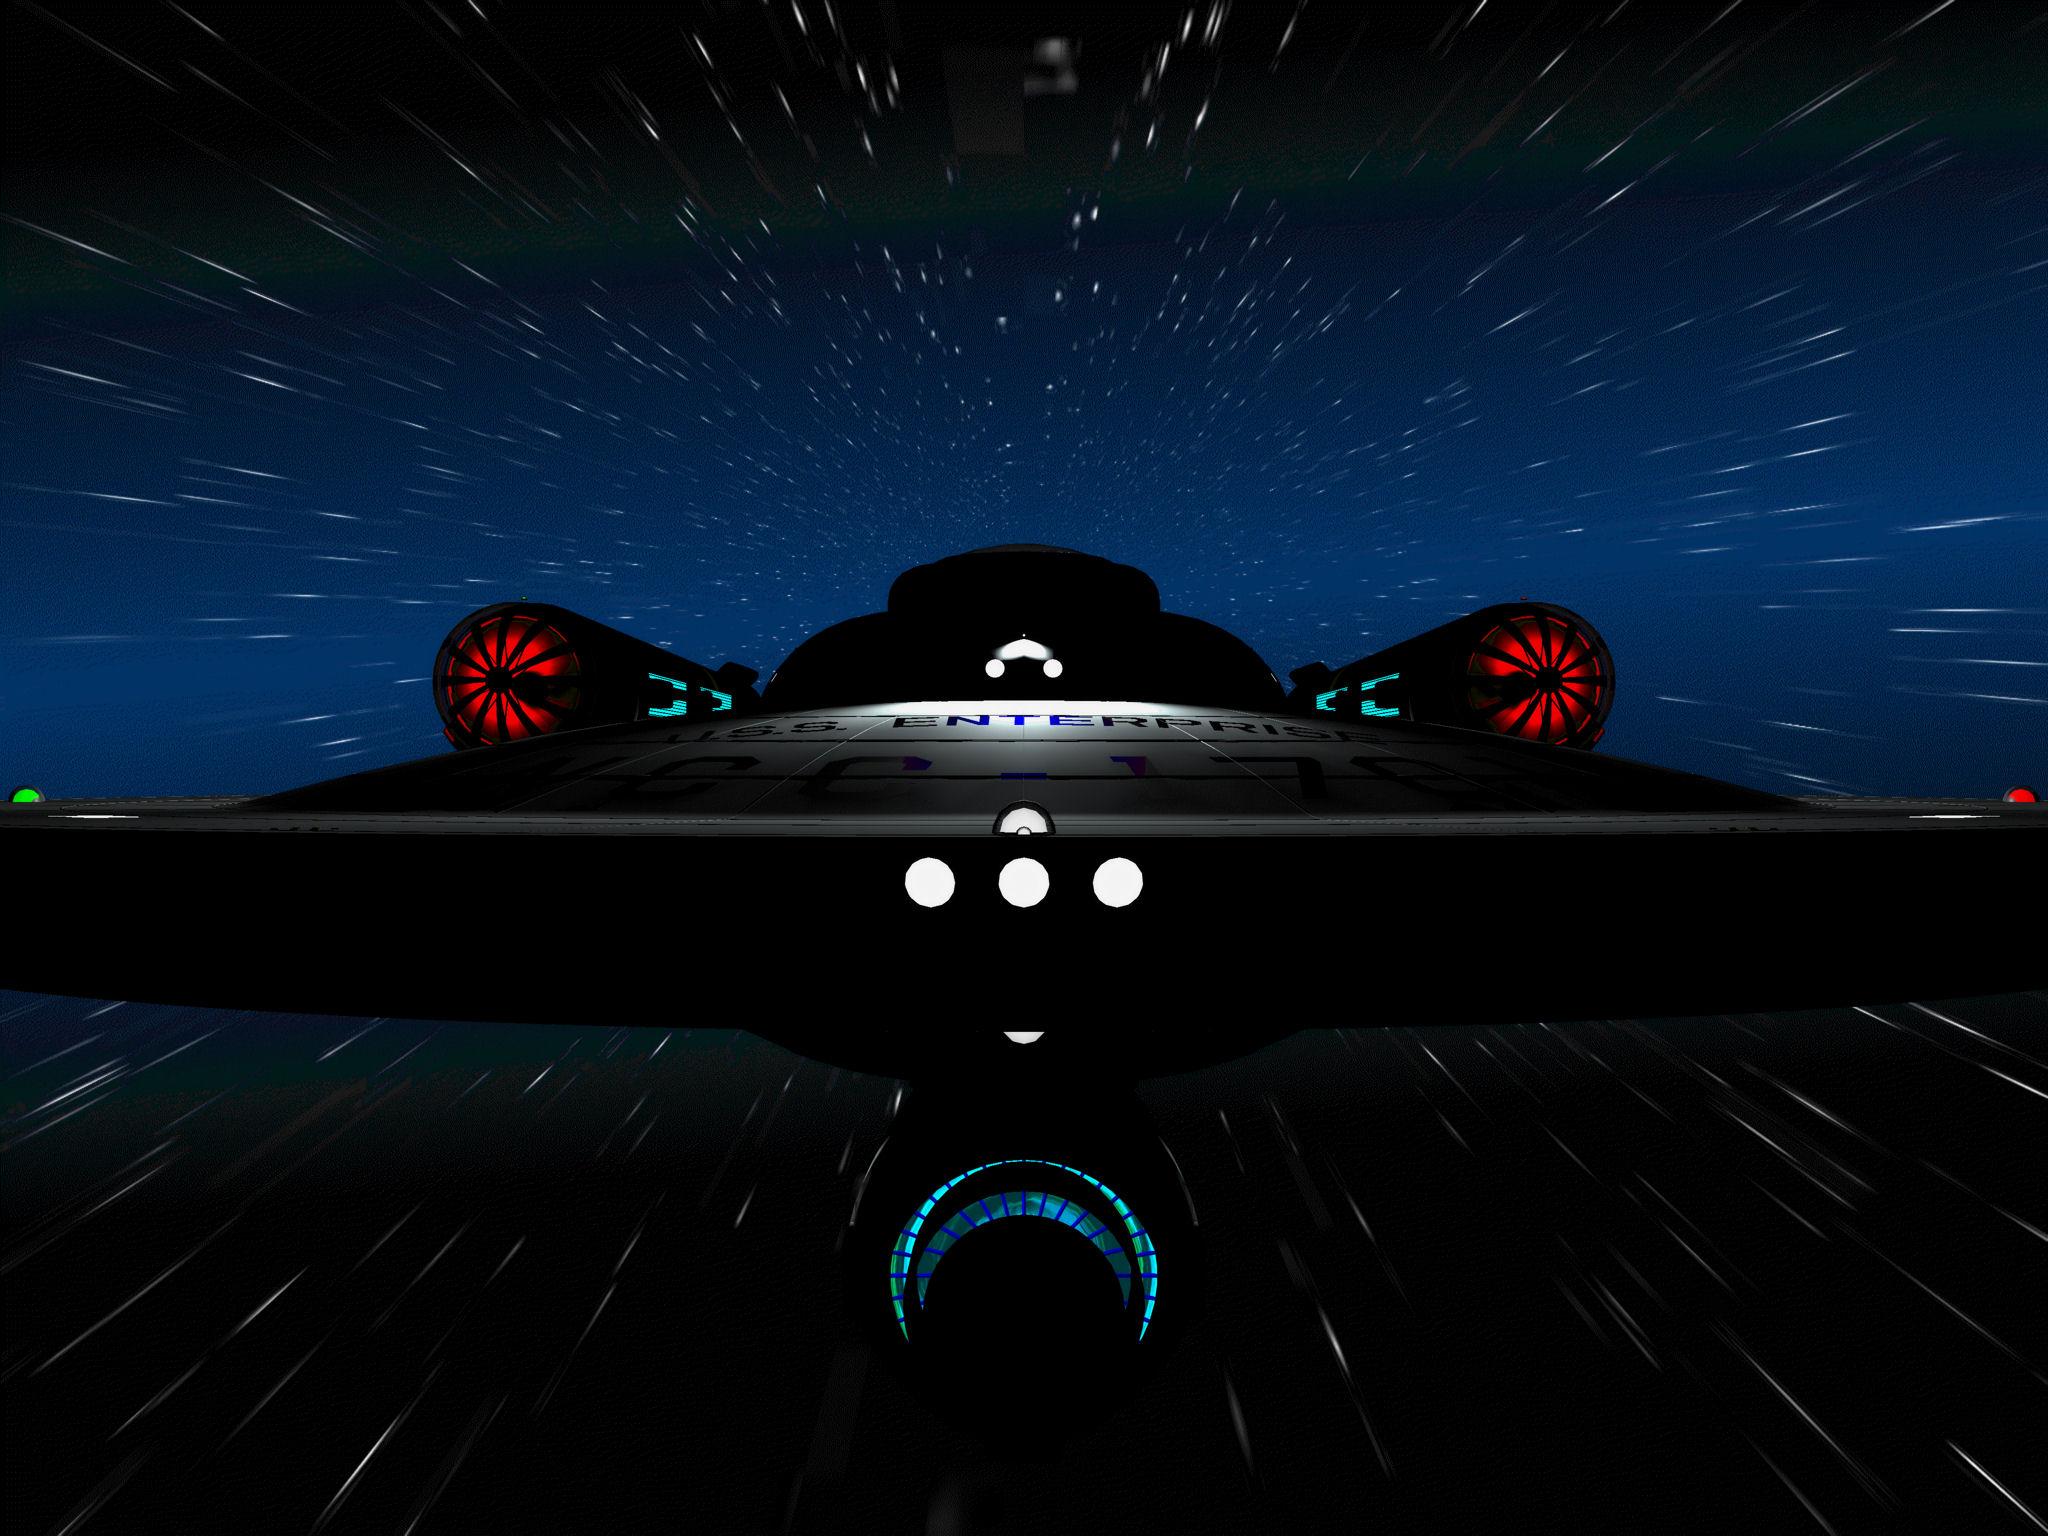 Star Trek Screensavers For Windows 10: Star Trek Full HD Wallpaper And Background Image